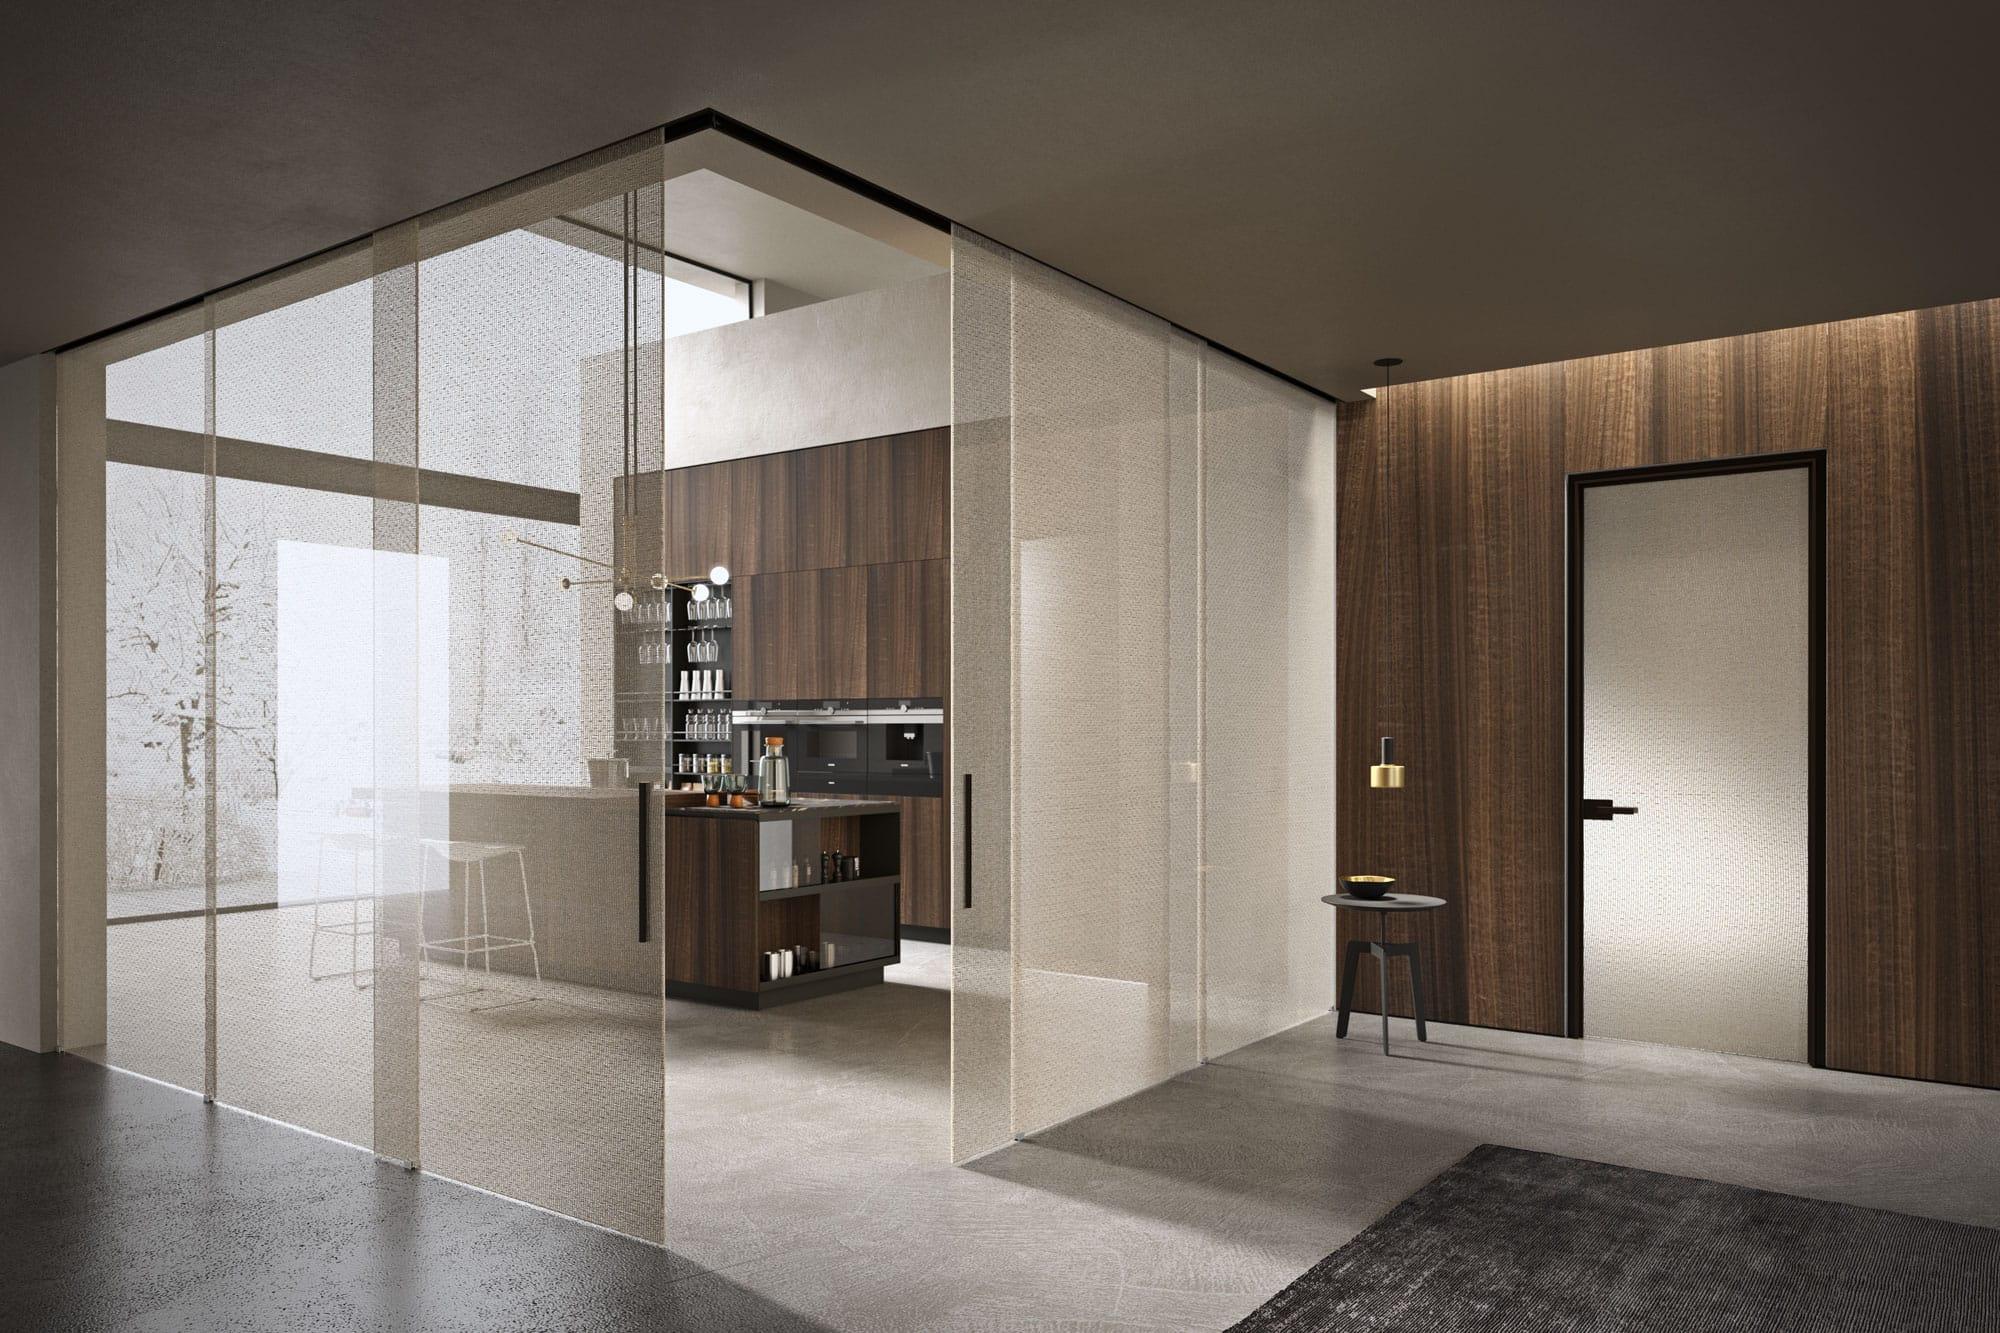 Porte scorrevoli in vetro per interni: Vitra | Henry glass